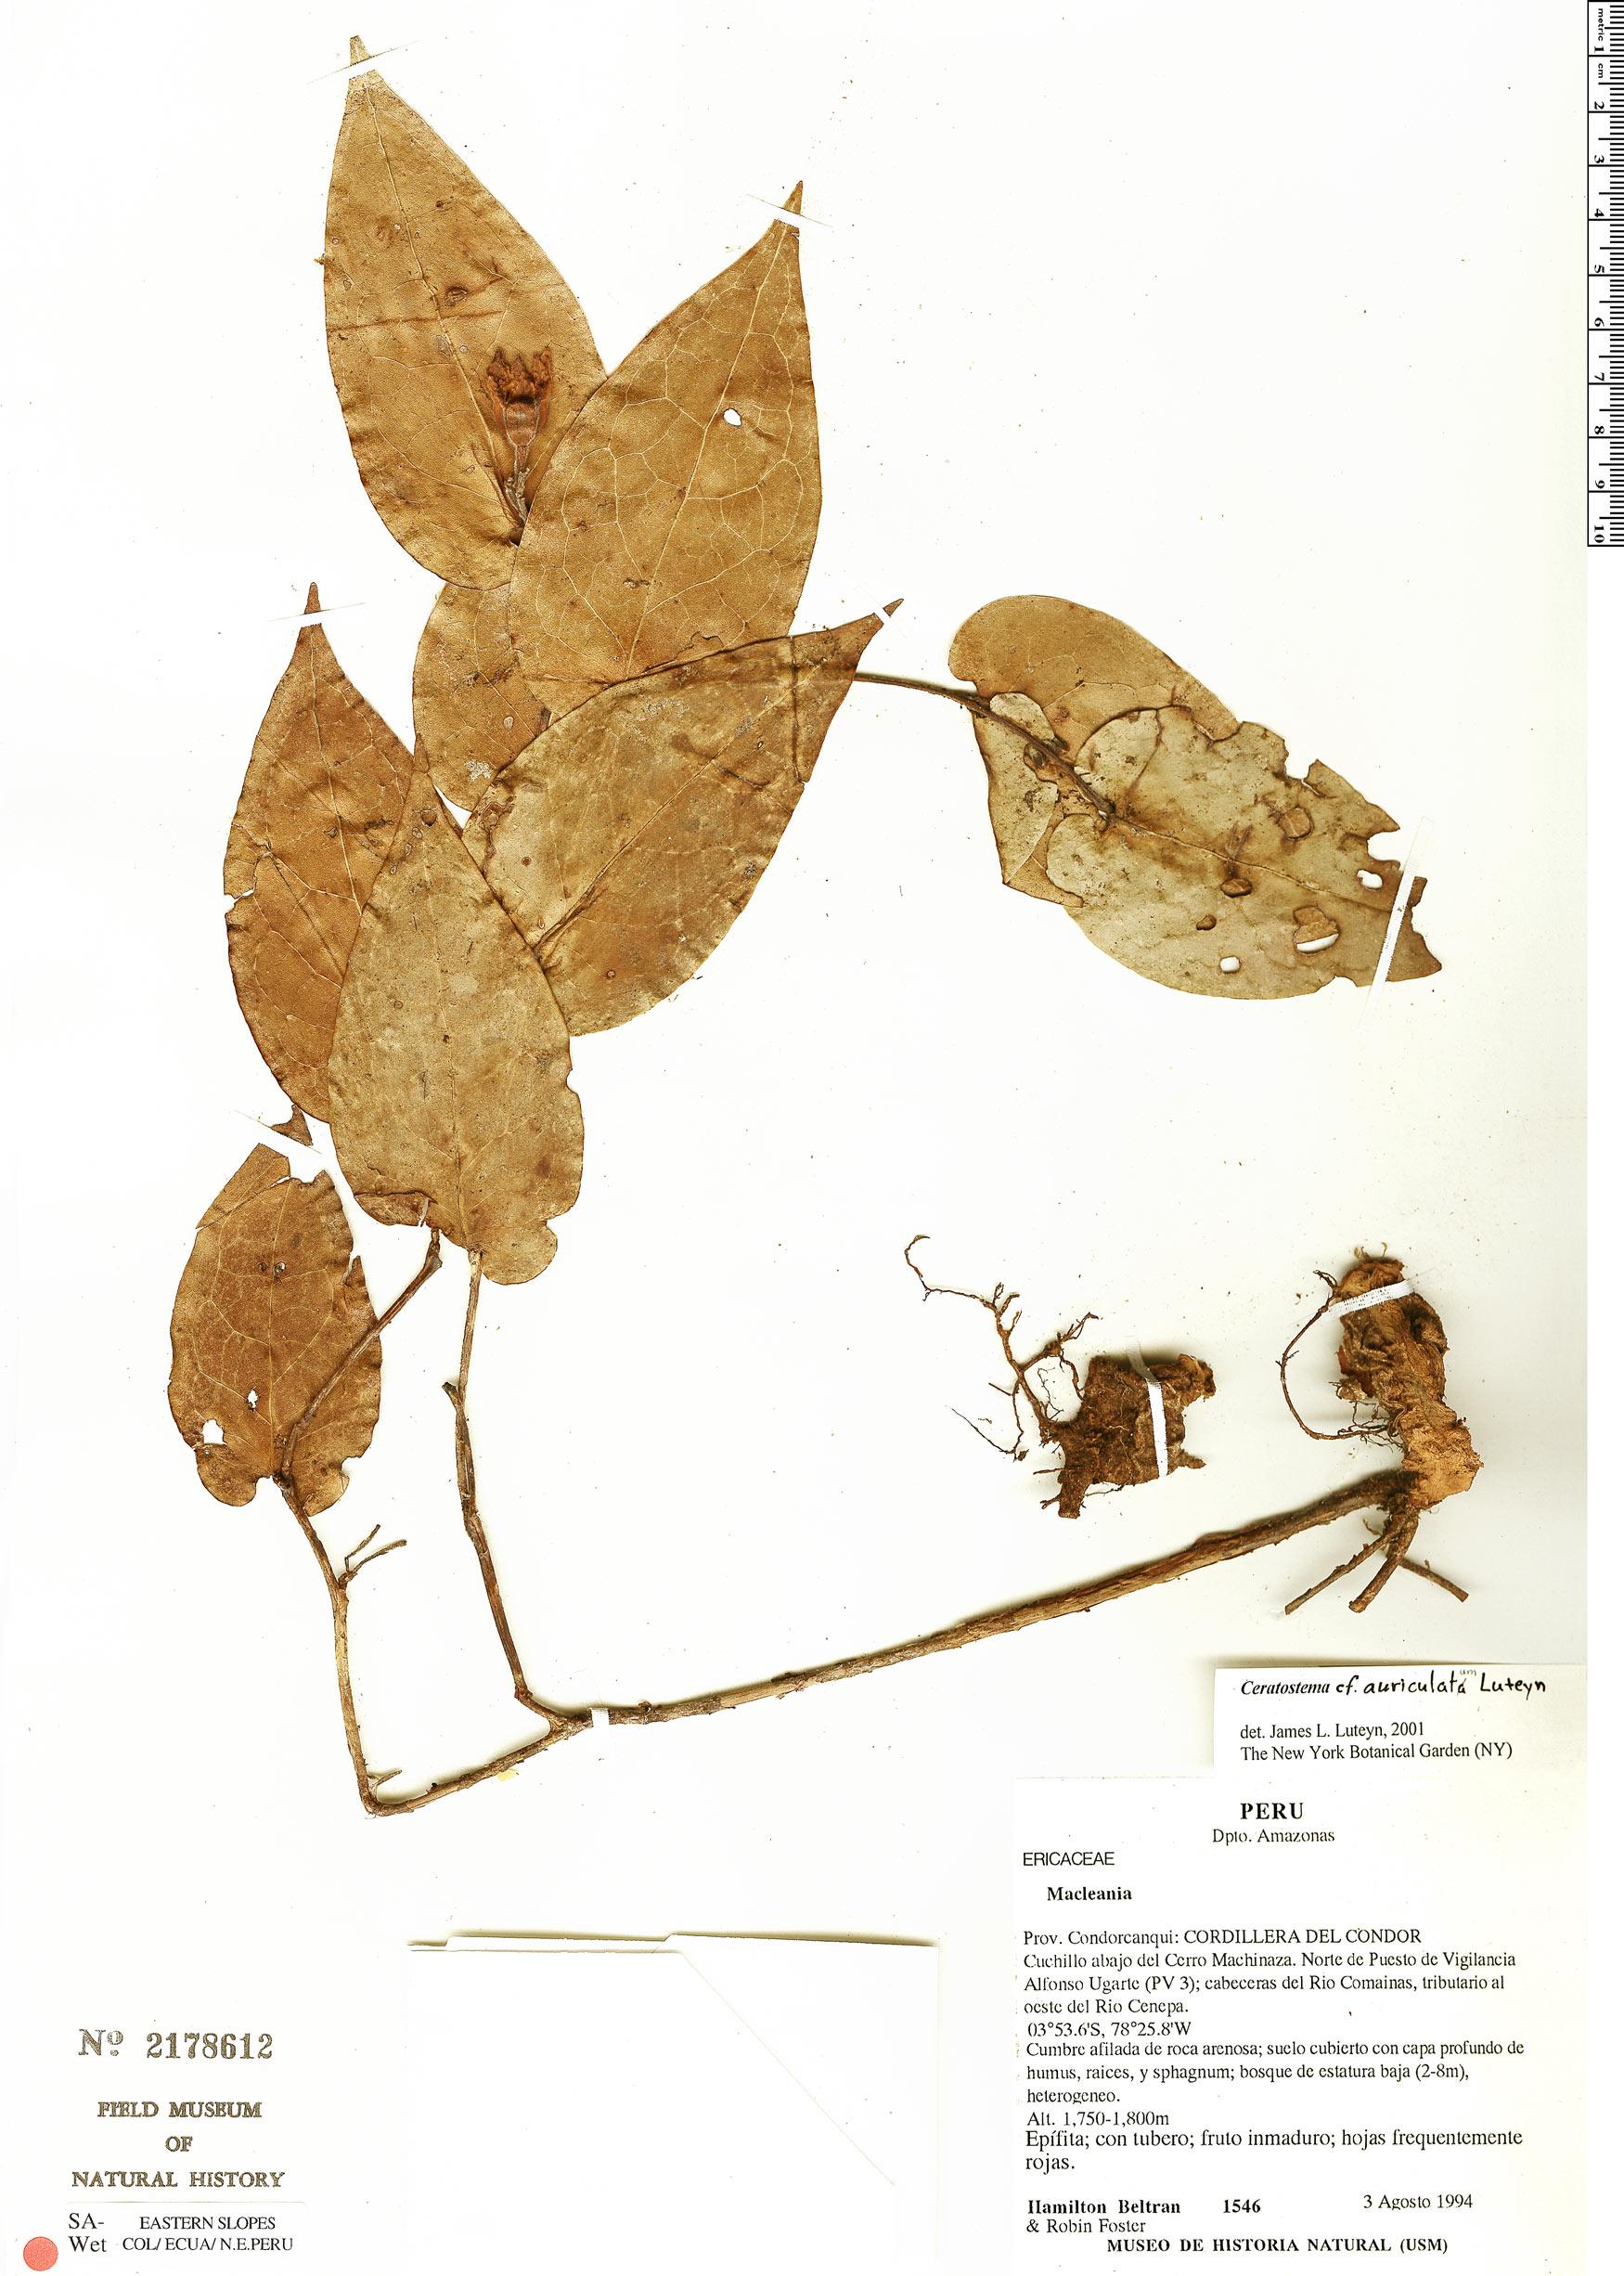 Specimen: Ceratostema auriculatum